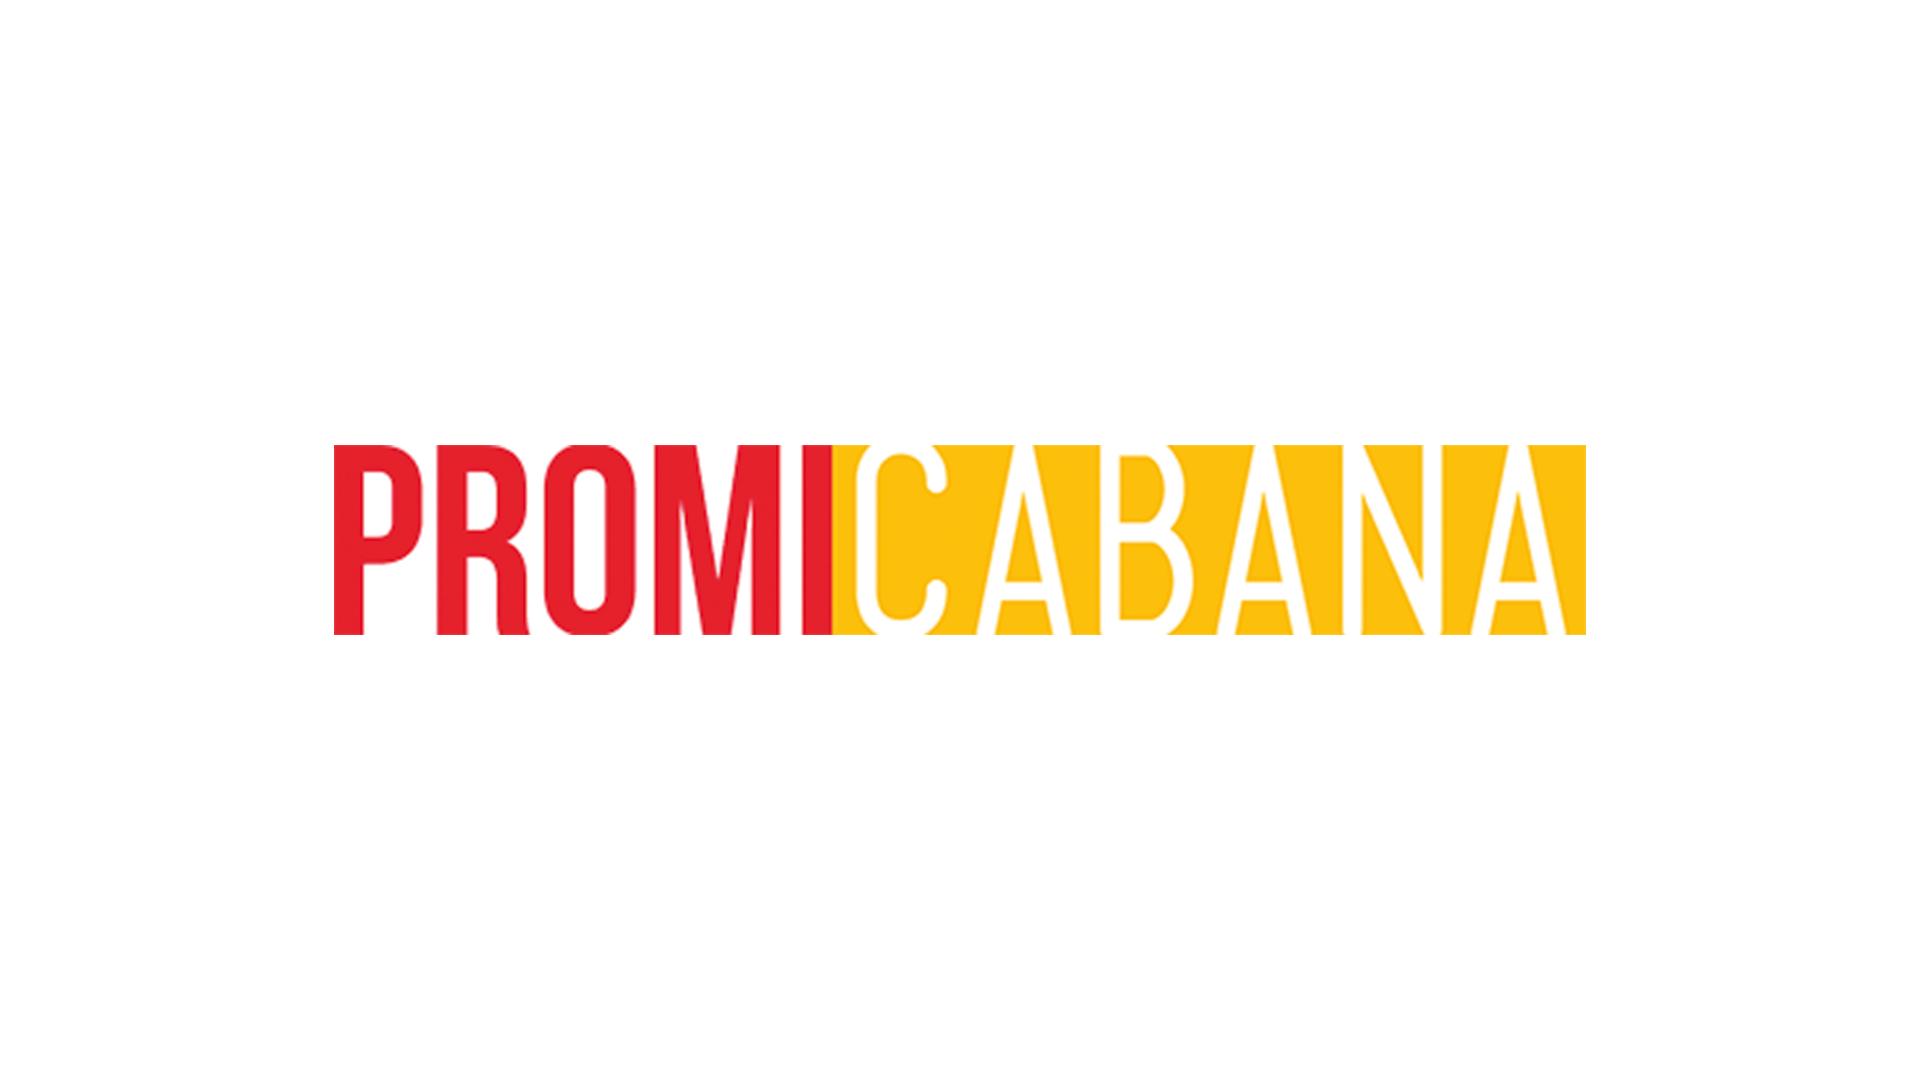 Charlie-Sheen-Good-Morning-America